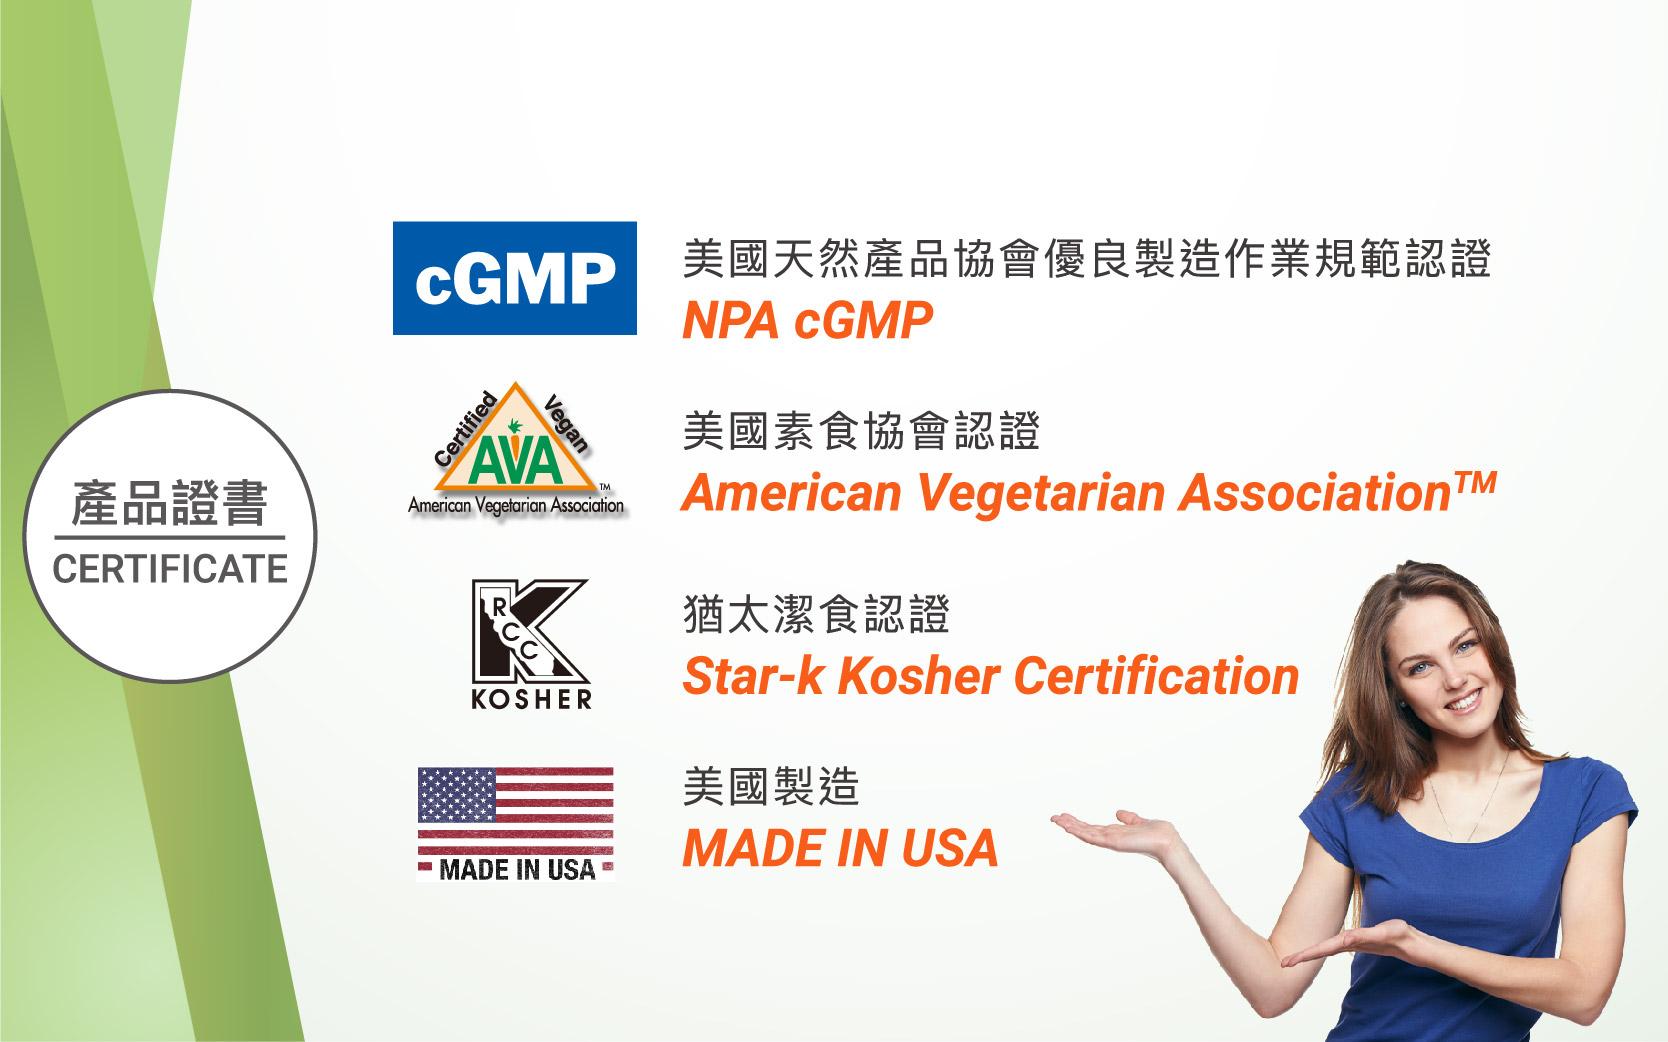 萃思鎂 液態鎂-素食可-國際食安認證:美國素食協會認證 American Vegetarian Association,美國天然產品協會優良製造作業規範認證 NPA cGMP,猶太潔食認證 Star-k Kosher Certification,美國製造 Made in USA